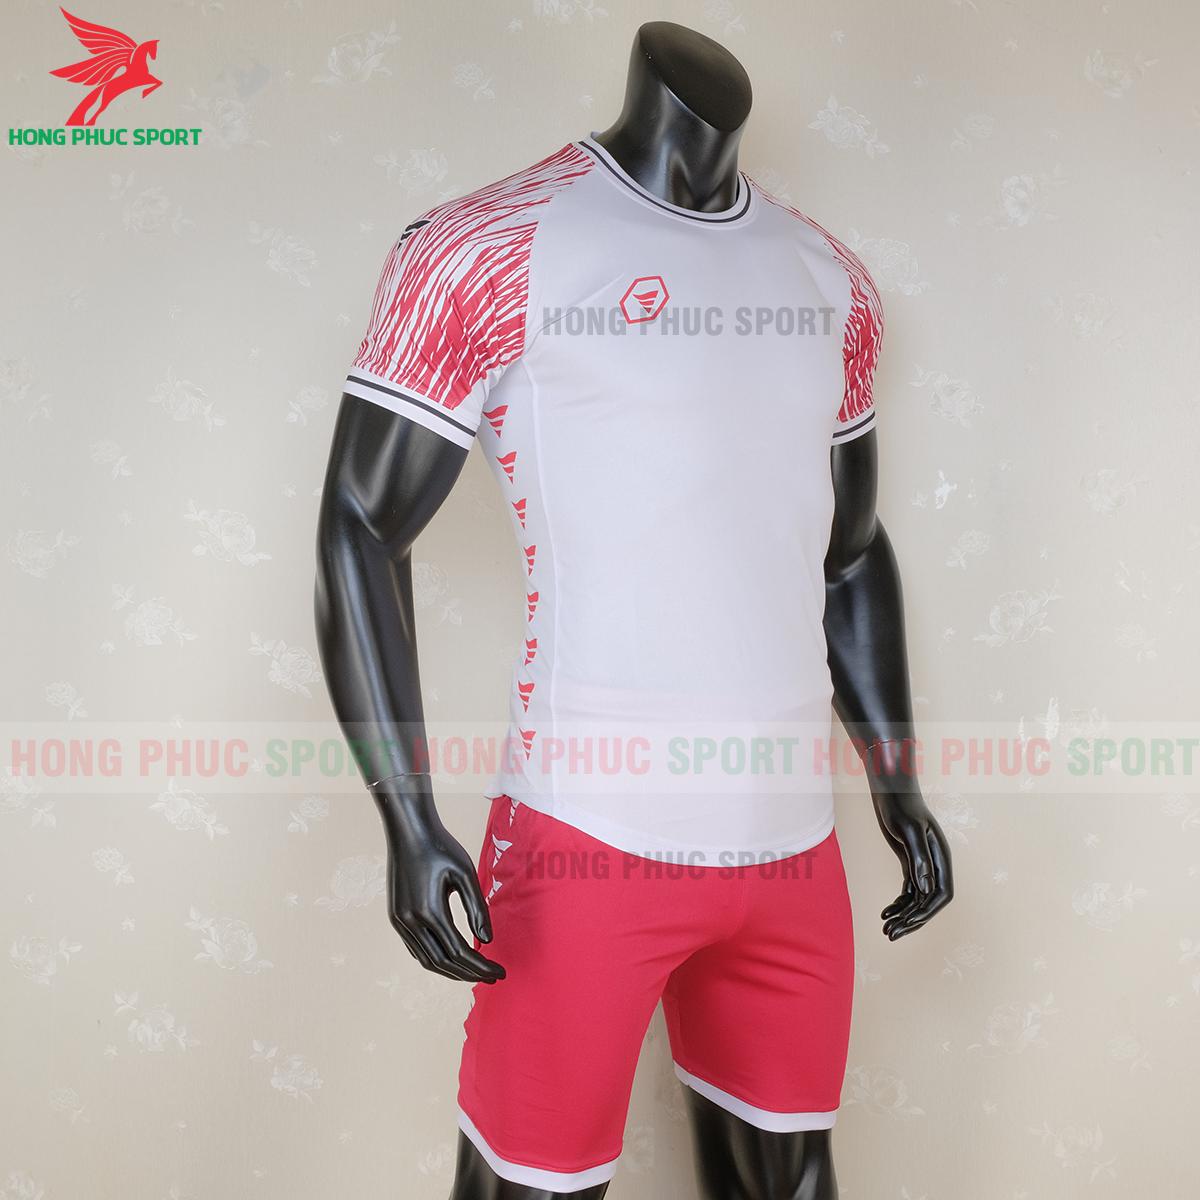 https://cdn.hongphucsport.com/unsafe/s4.shopbay.vn/files/285/ao-bong-da-khong-logo-ta-a06-mau-3-3-5f728cb882faf.png